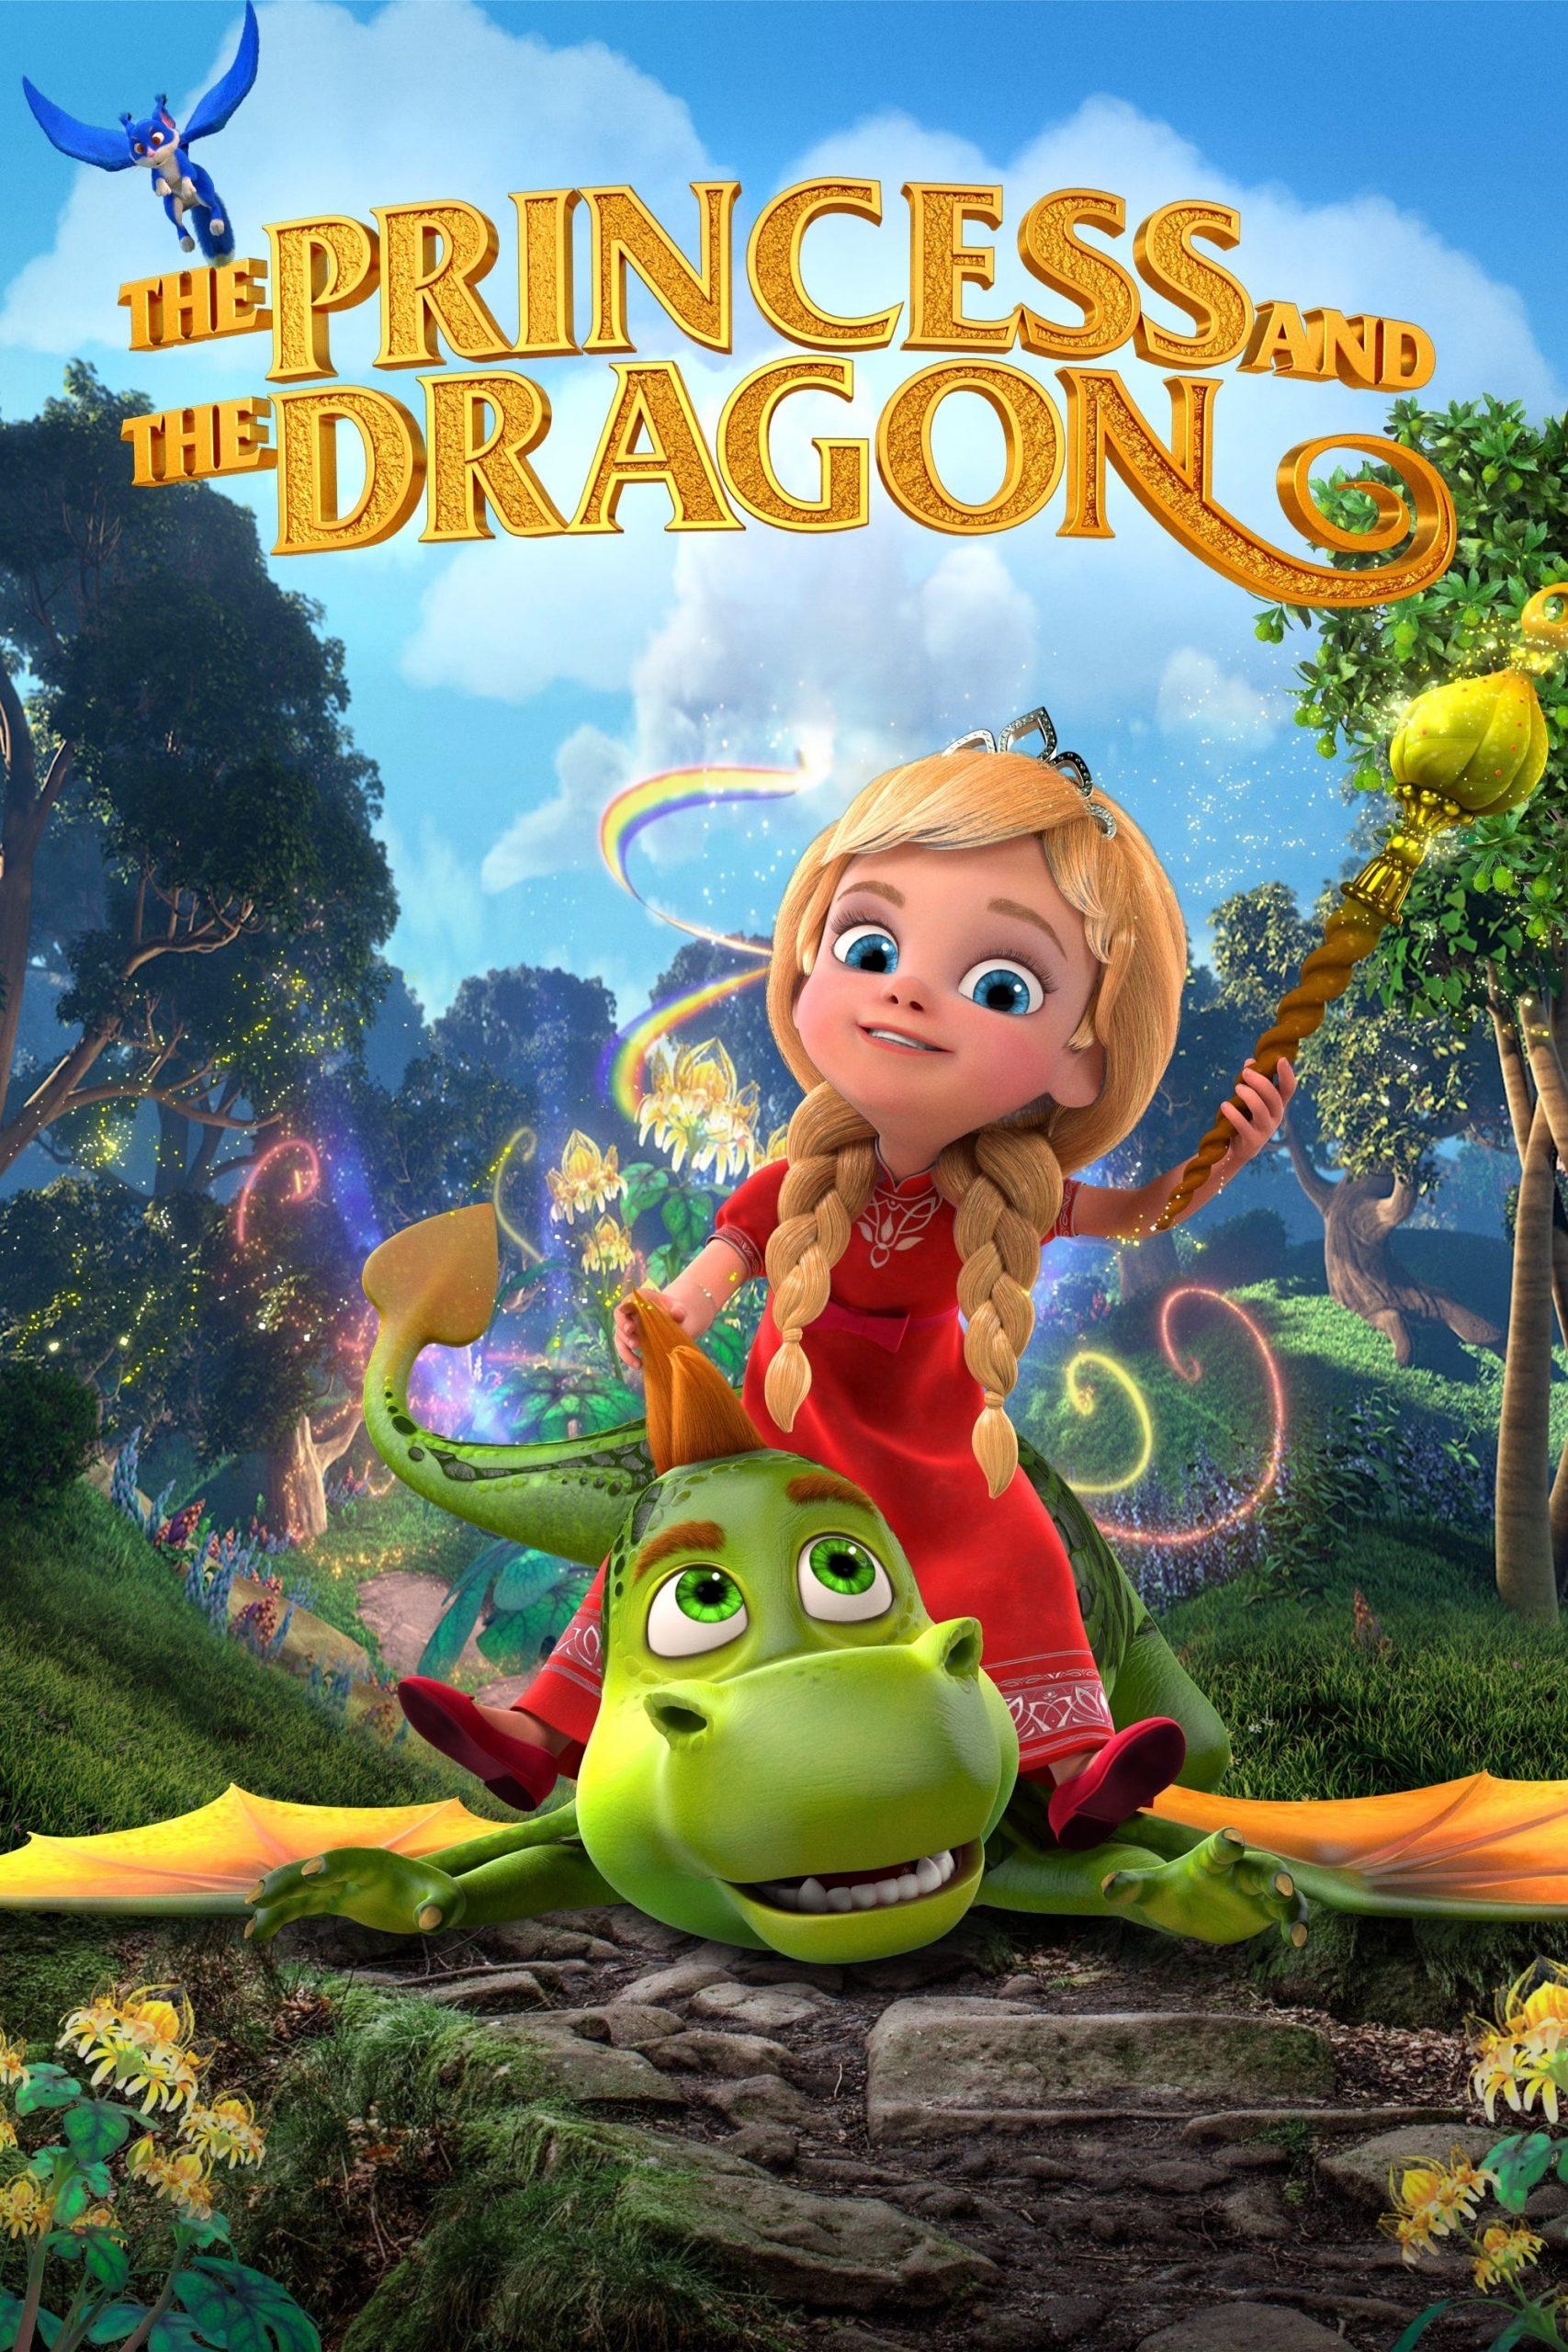 دانلود انیمیشنThe Princess and the Dragon 2018 با دوبله فارسی